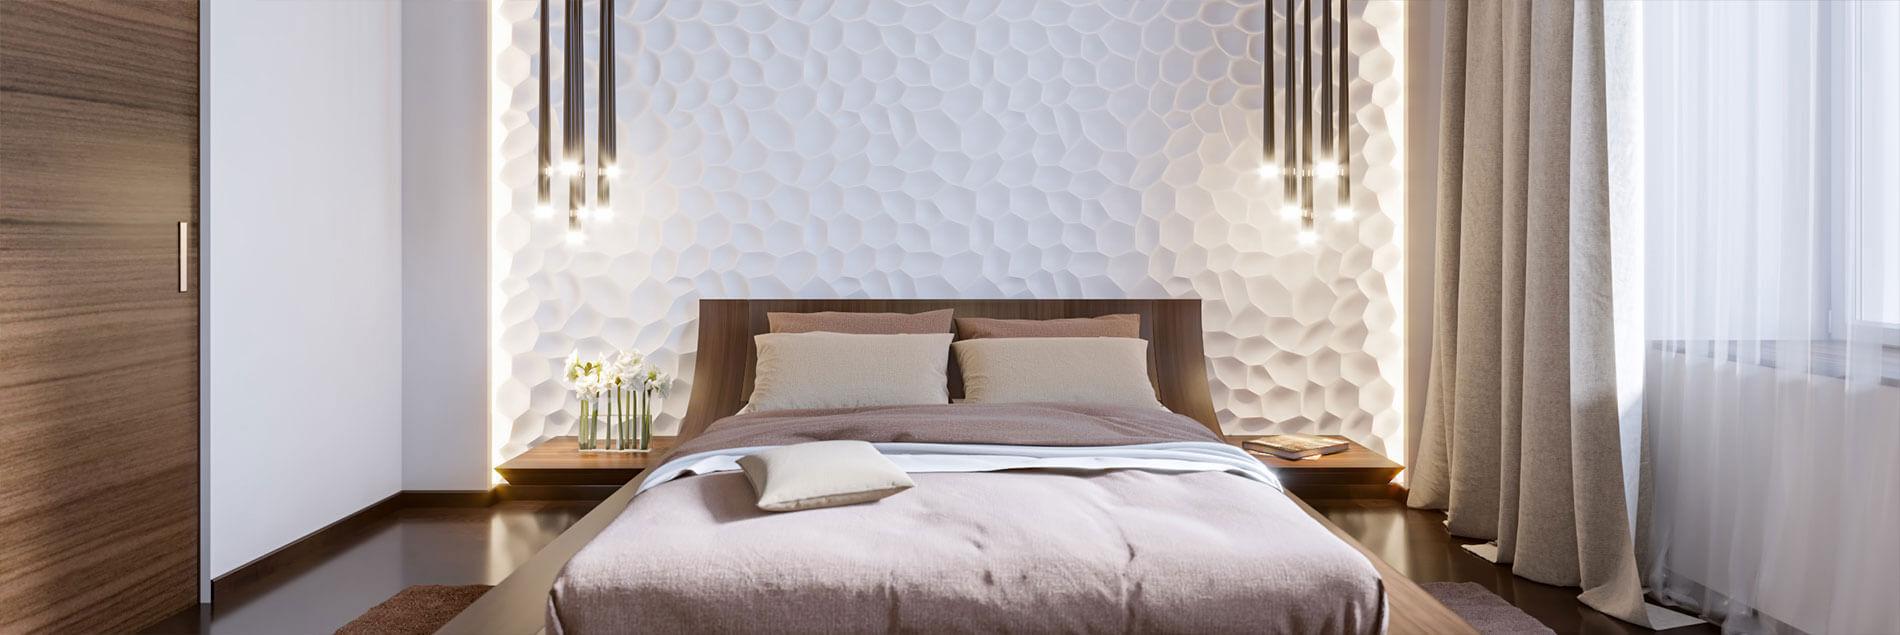 Yela lighting slider home slaapkamerverlichting LED